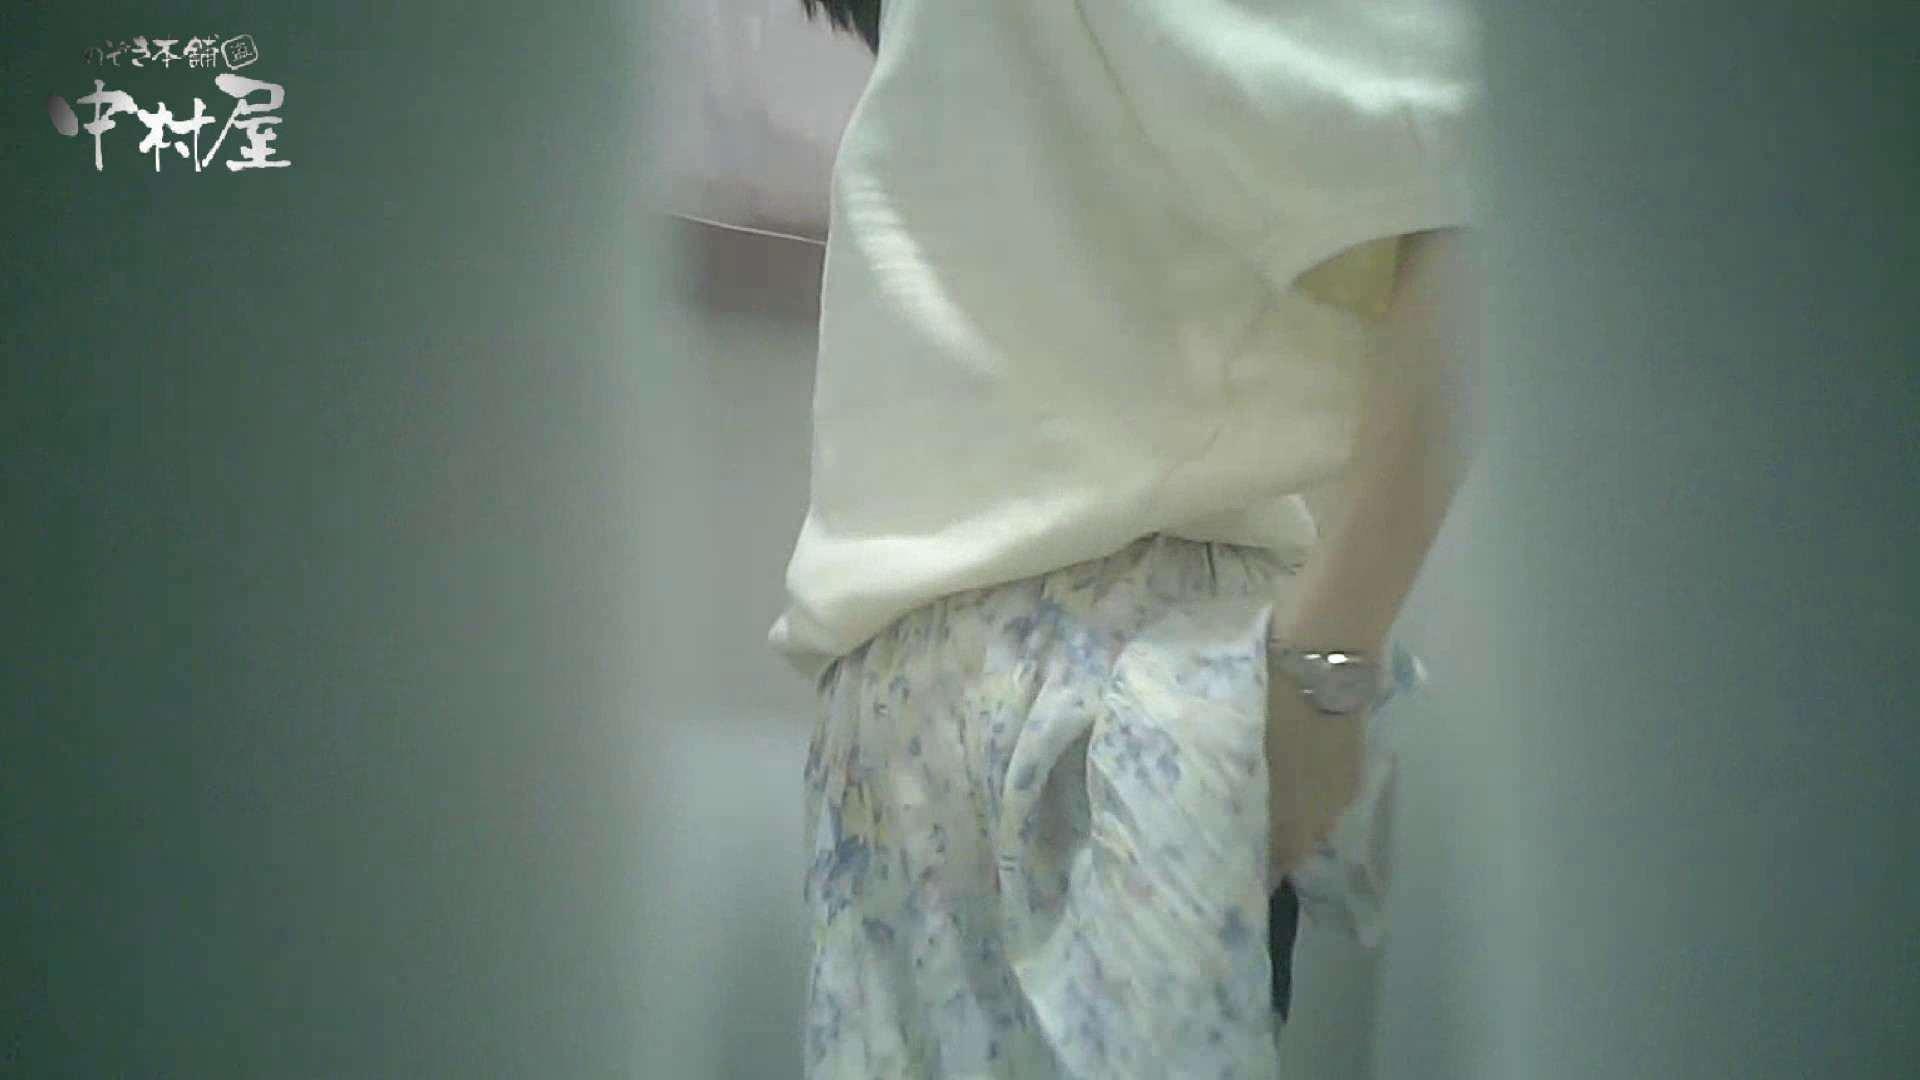 【某有名大学女性洗面所】有名大学女性洗面所 vol.40 ??おまじない的な動きをする子がいます。 洗面所 覗きオメコ動画キャプチャ 89画像 58